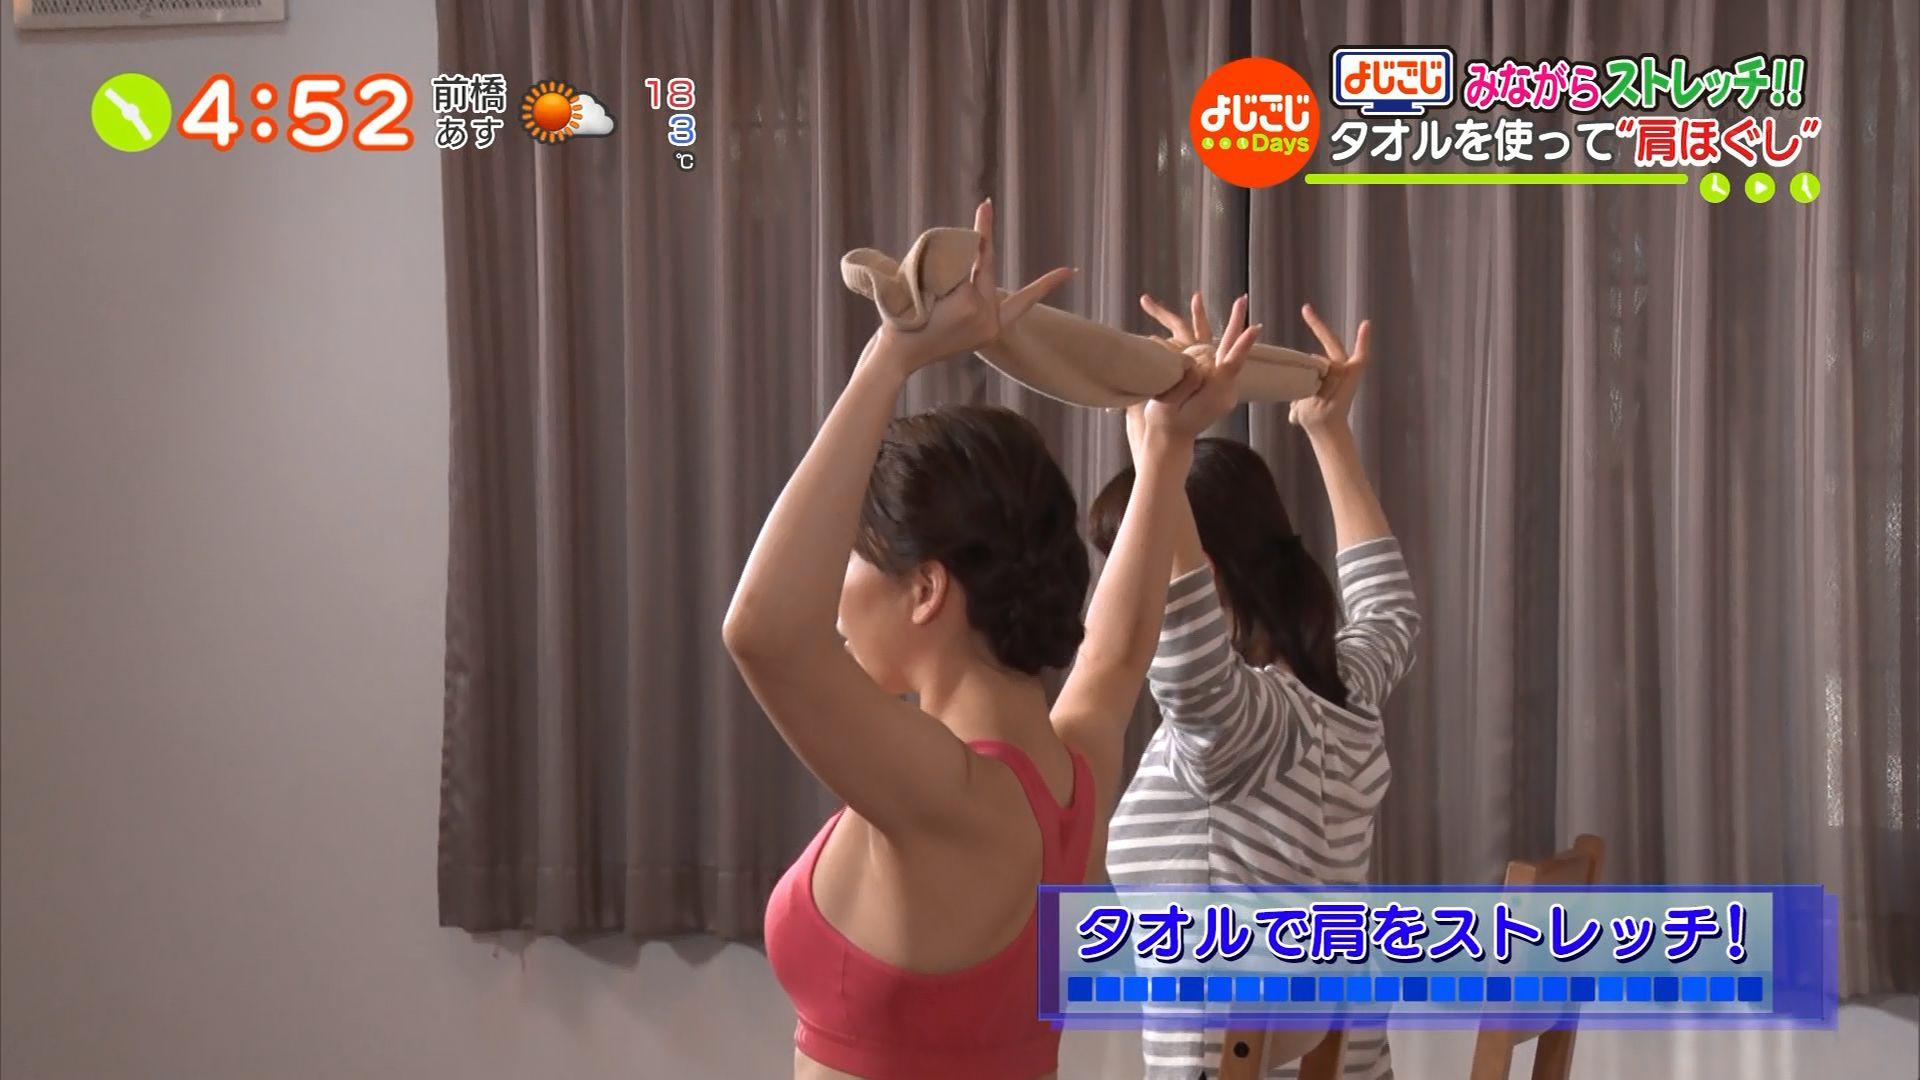 よじごじdaysのながらストレッチ!!テレビキャプチャー画像-006